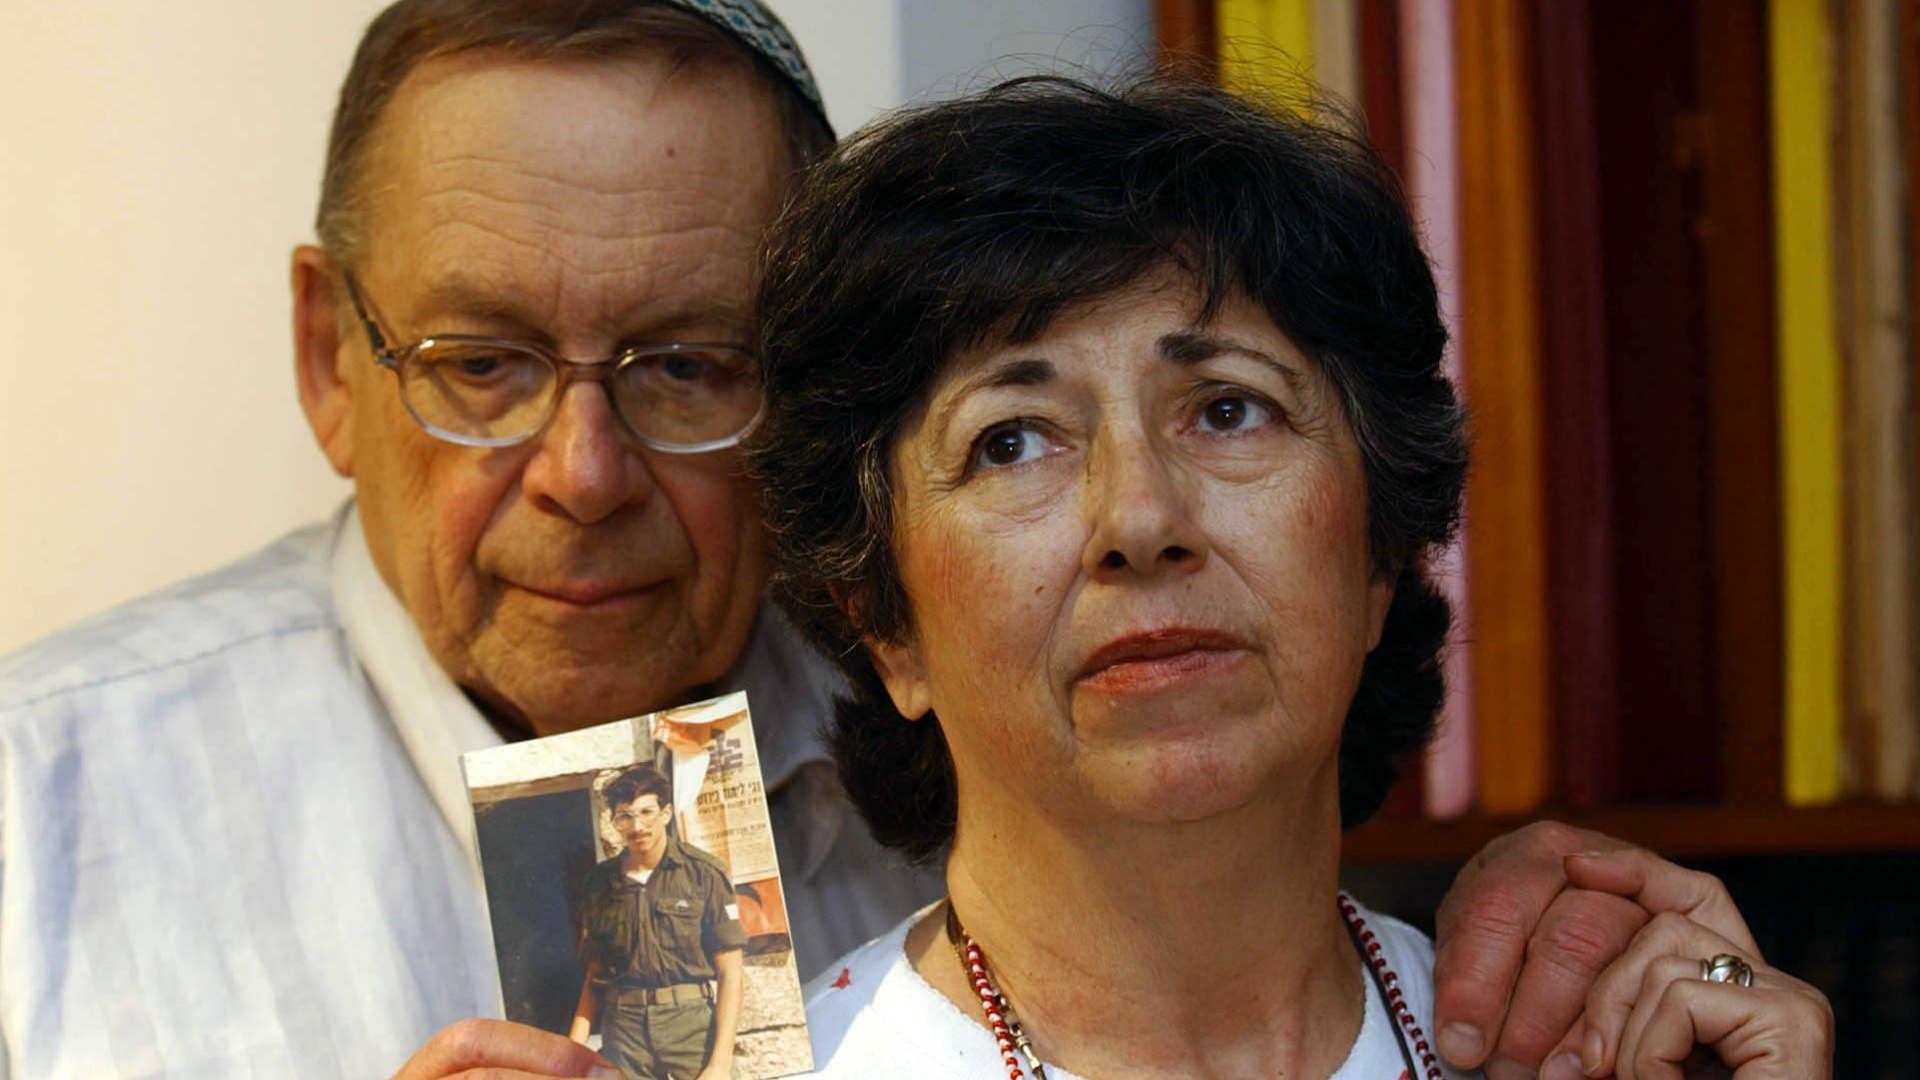 إسرائيل تستعيد جثة جندي قُتل في لبنان قبل 37 سنة: شكراً روسيا